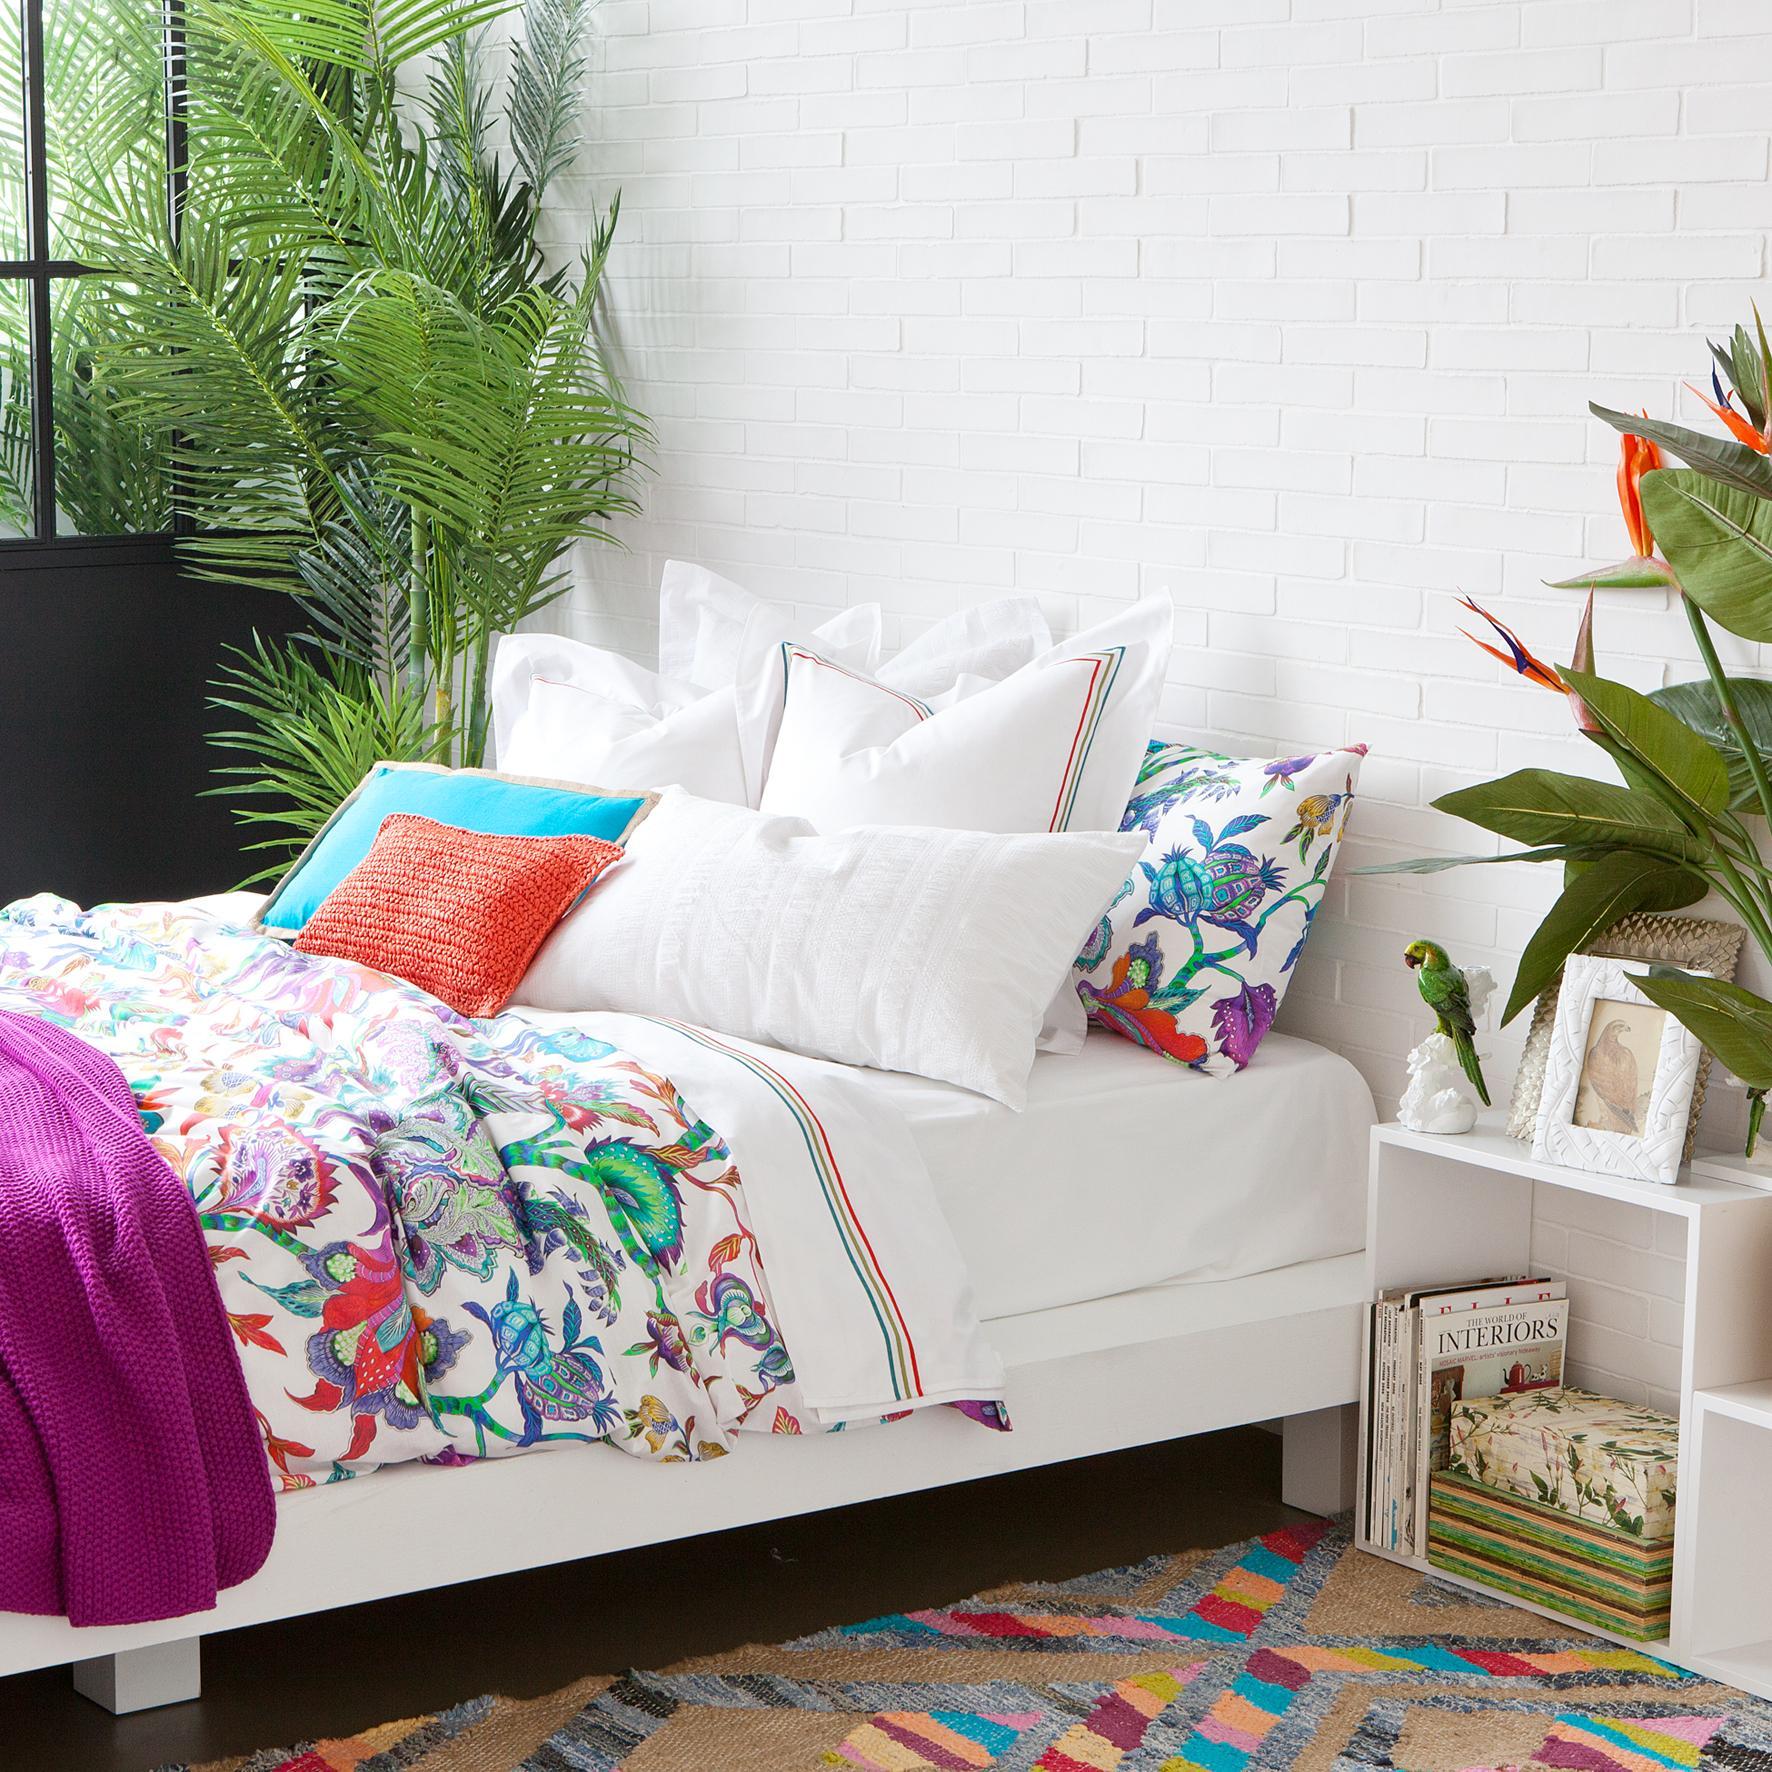 schlafzimmereinrichtung bilder ideen couchstyle. Black Bedroom Furniture Sets. Home Design Ideas